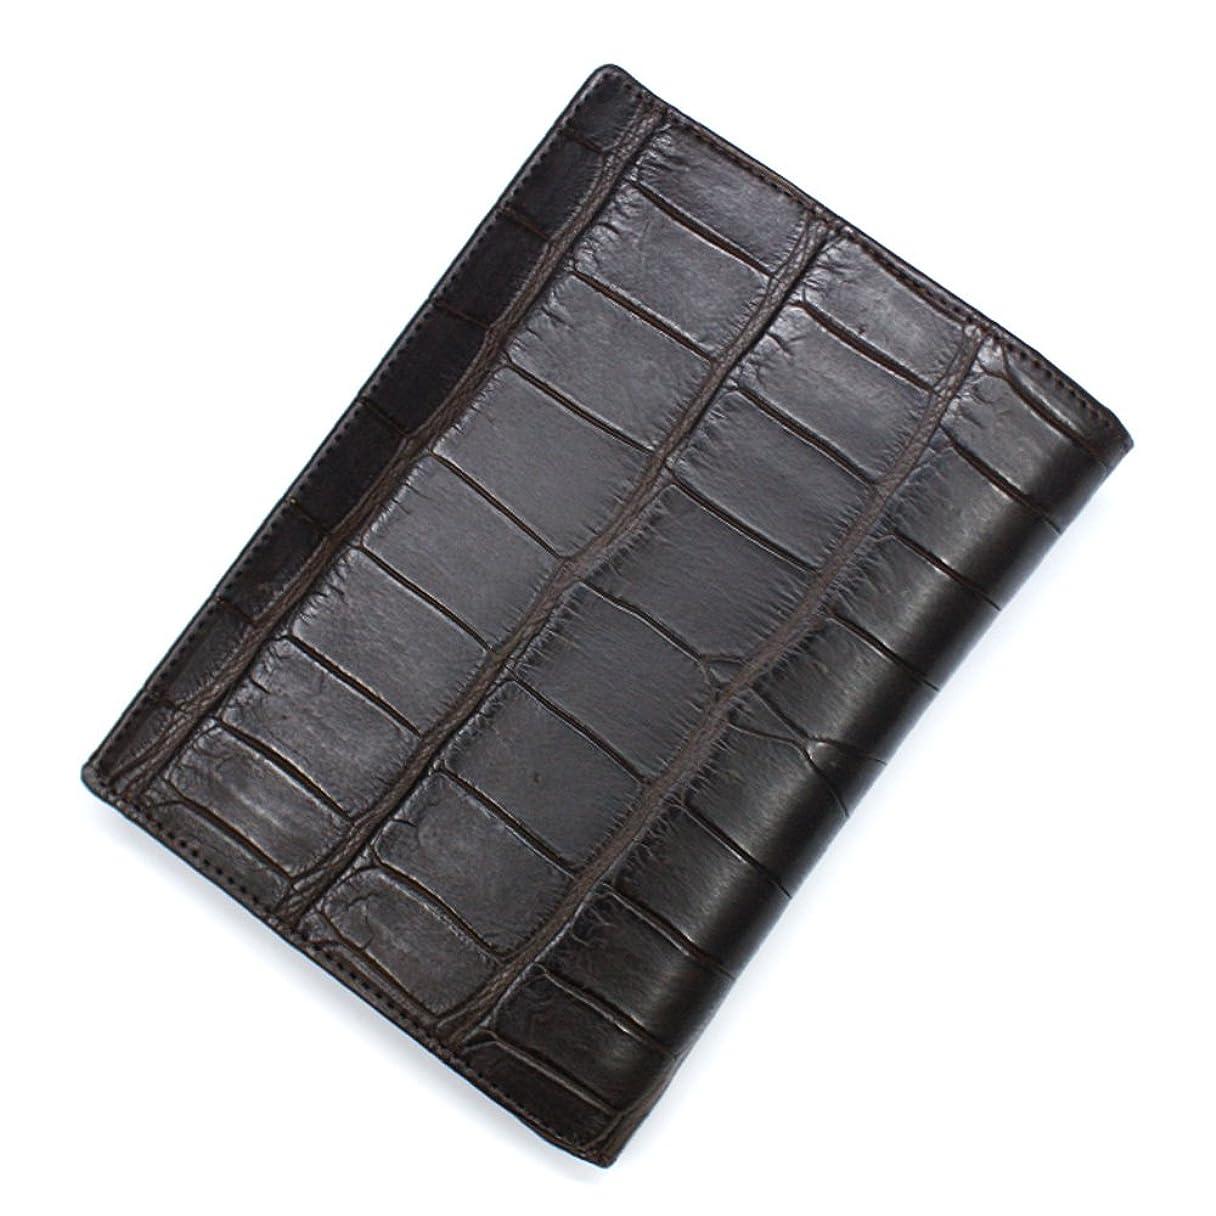 見出しそれぞれソートCRM1165-CHOCO クロコダイル革 ワニ革 二つ折り カード入れ カードホルダー カードケース レザー 薄型カード入れ 大容量 大量収納 パスポートサイズ L.size マット チョコ